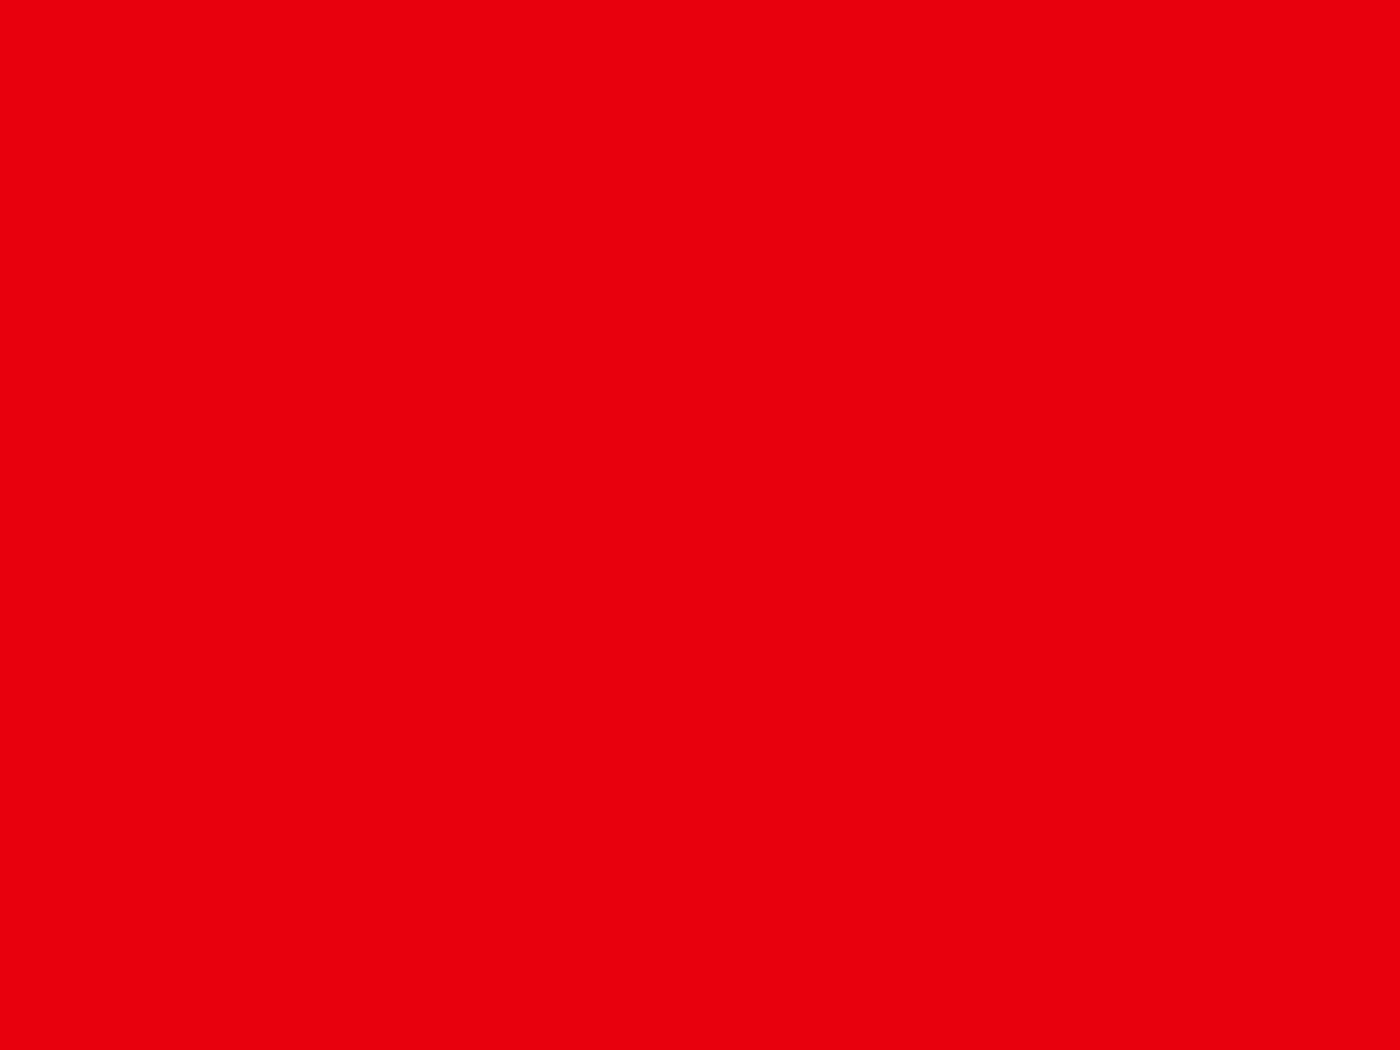 1400x1050 KU Crimson Solid Color Background